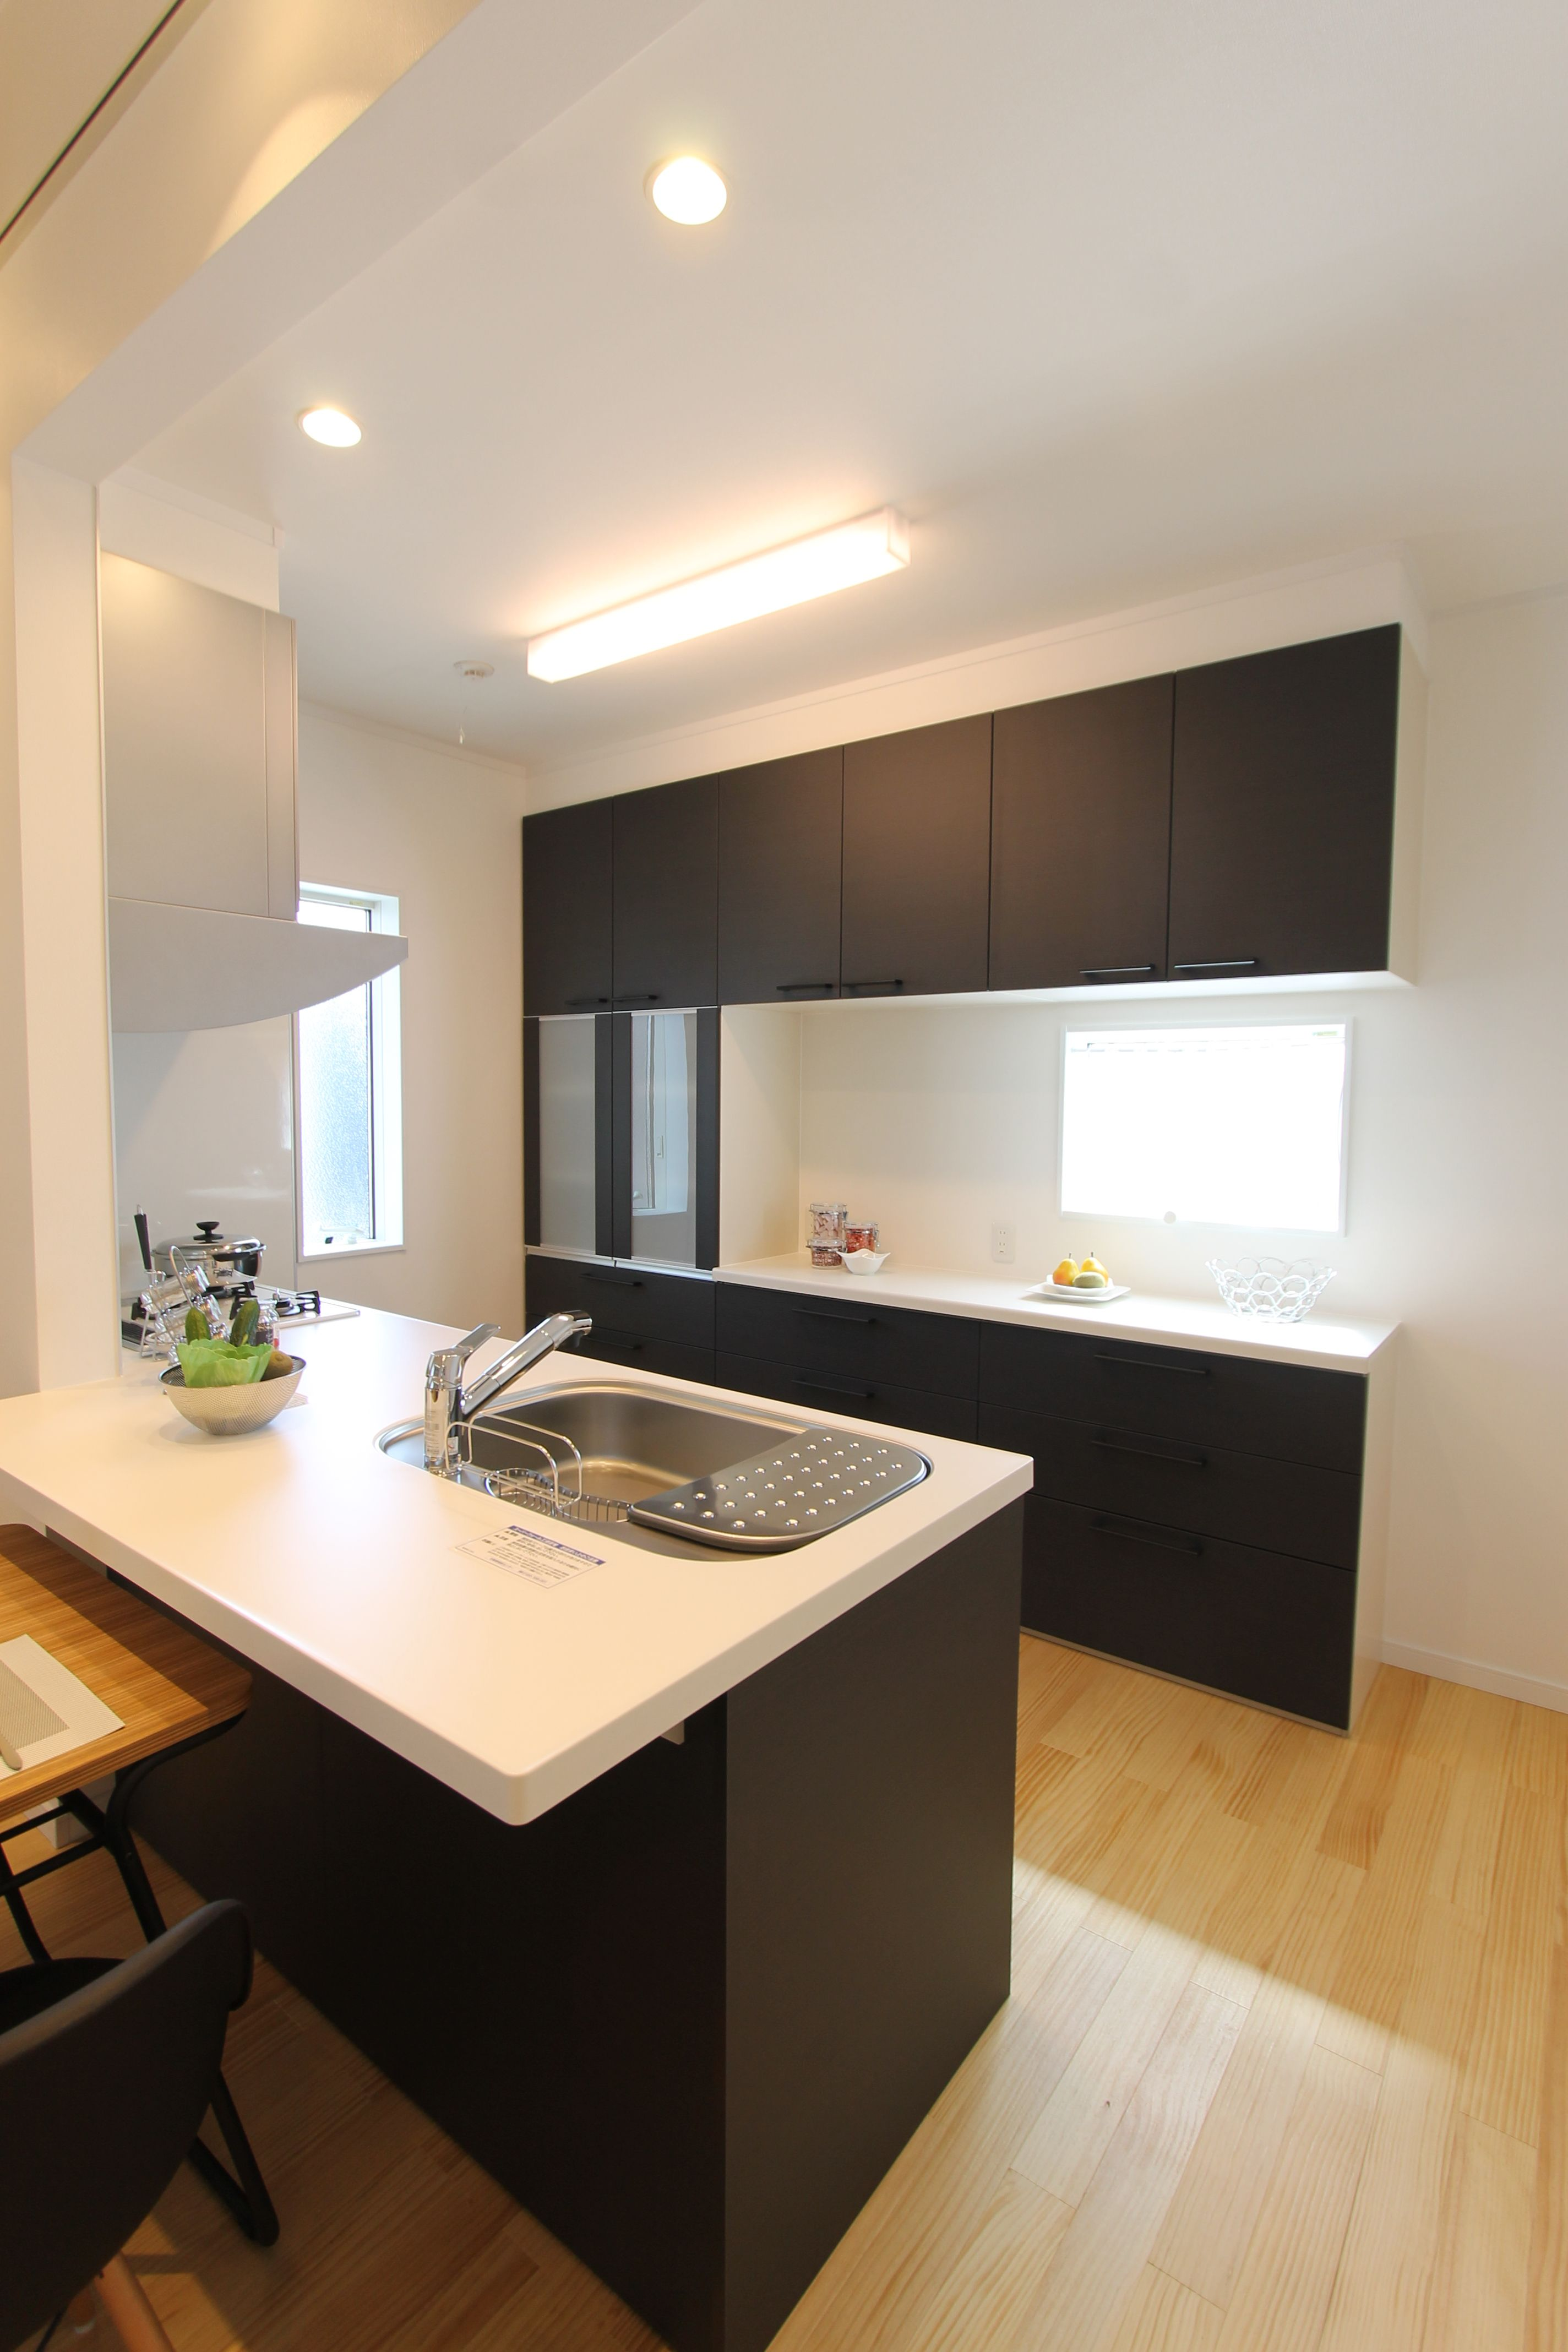 シンプルシック ライフスタイルや予算に合った楽しい家づくりをご提供